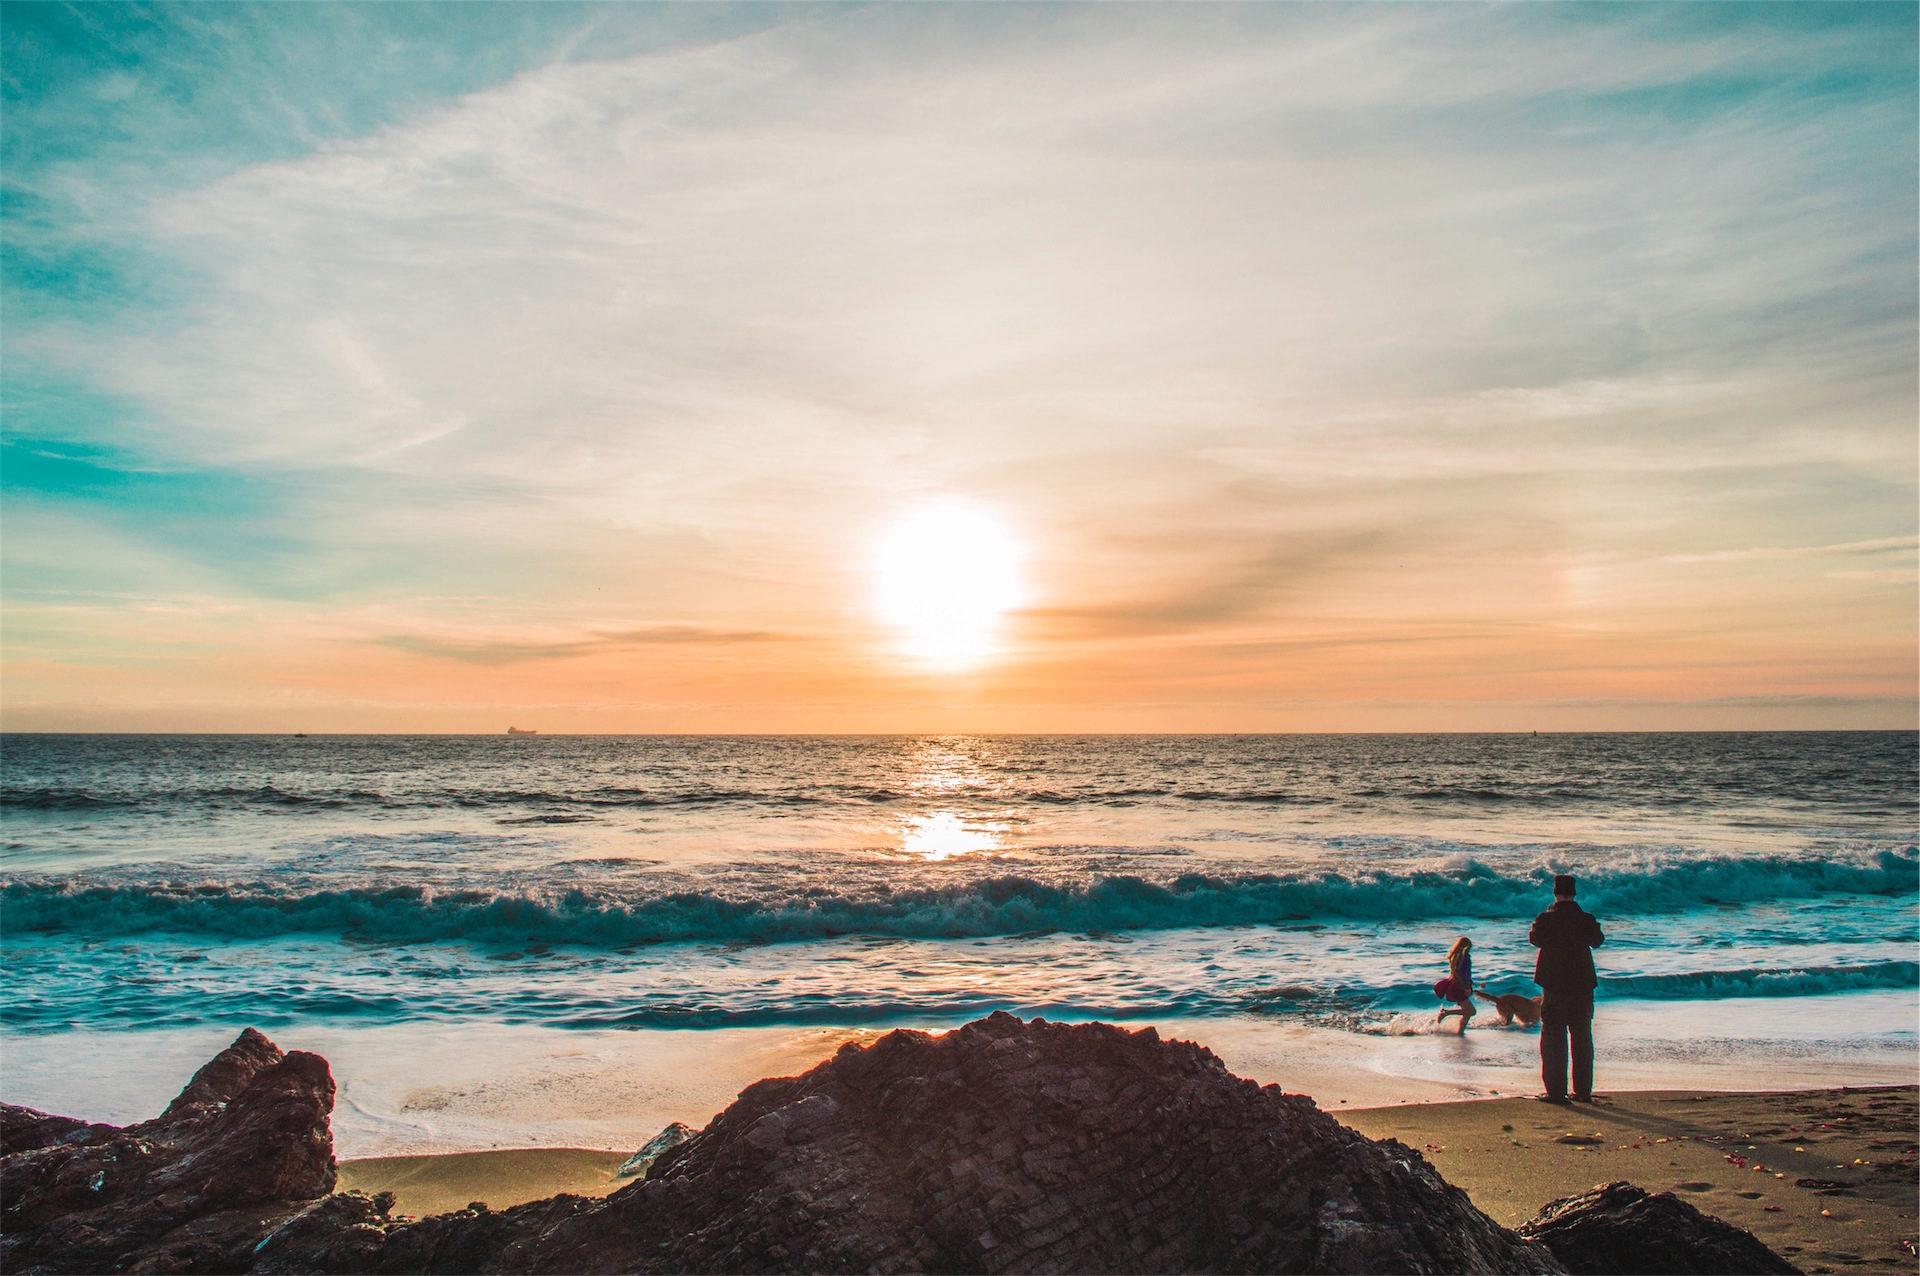 Παραλία, Κυρ, Ηλιοβασίλεμα, Θάλασσα, παιχνίδι - Wallpapers HD - Professor-falken.com